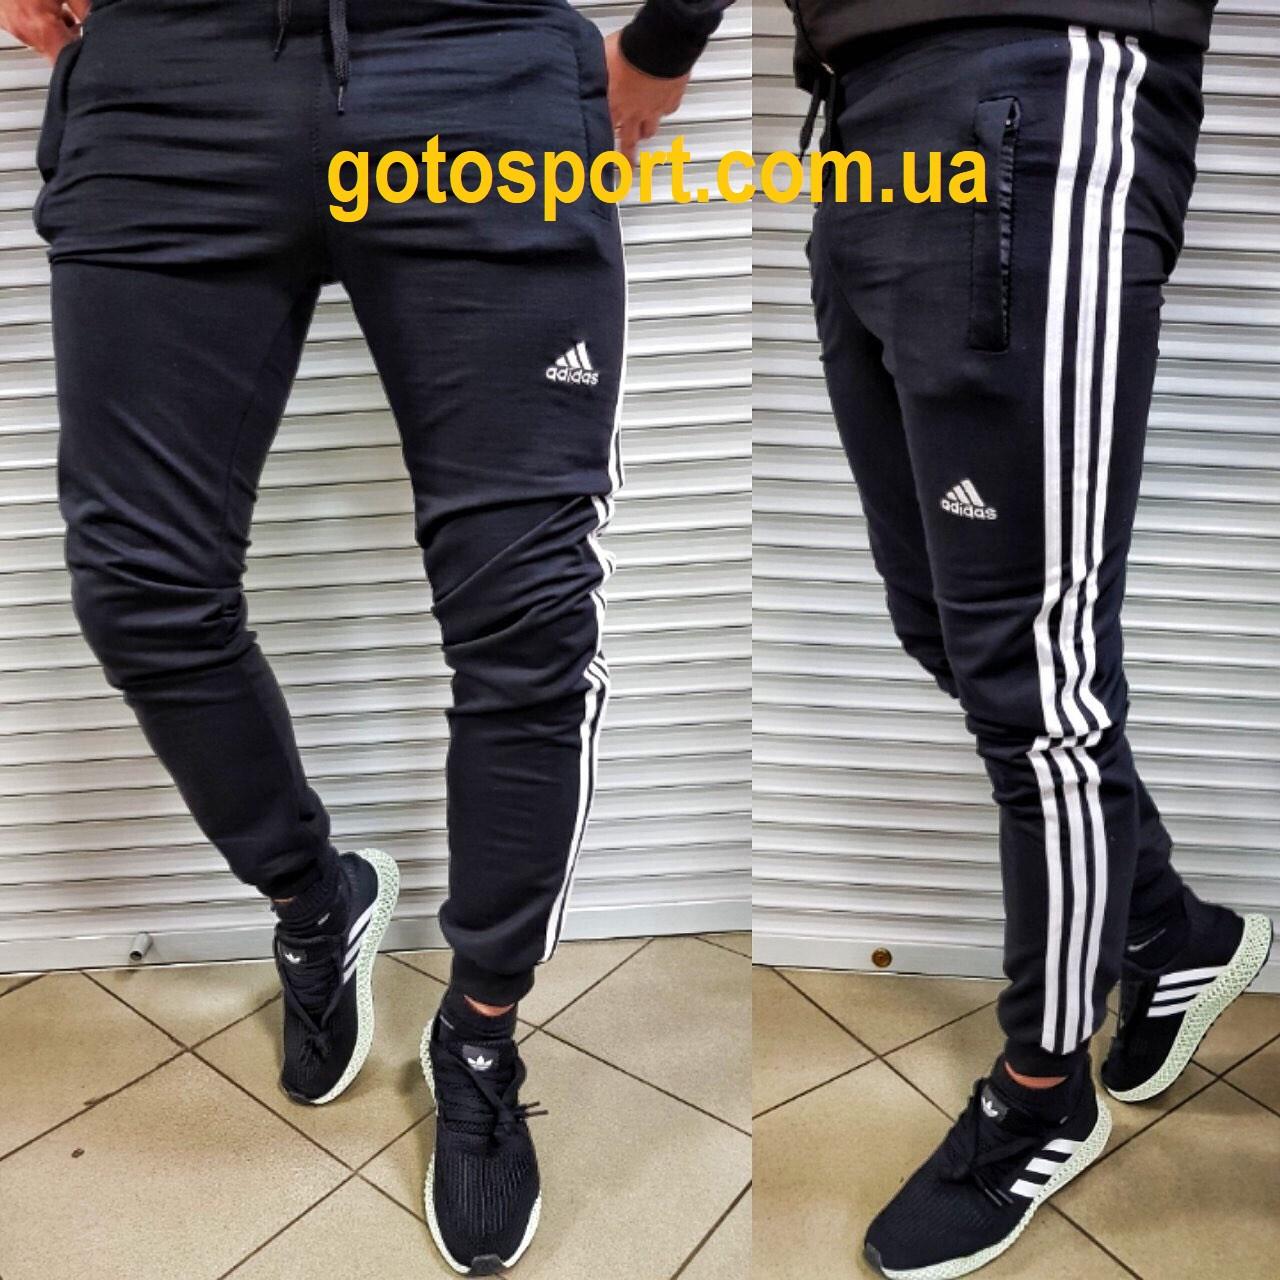 ab9cfa3c56e Мужские спортивные штаны Adidas  продажа